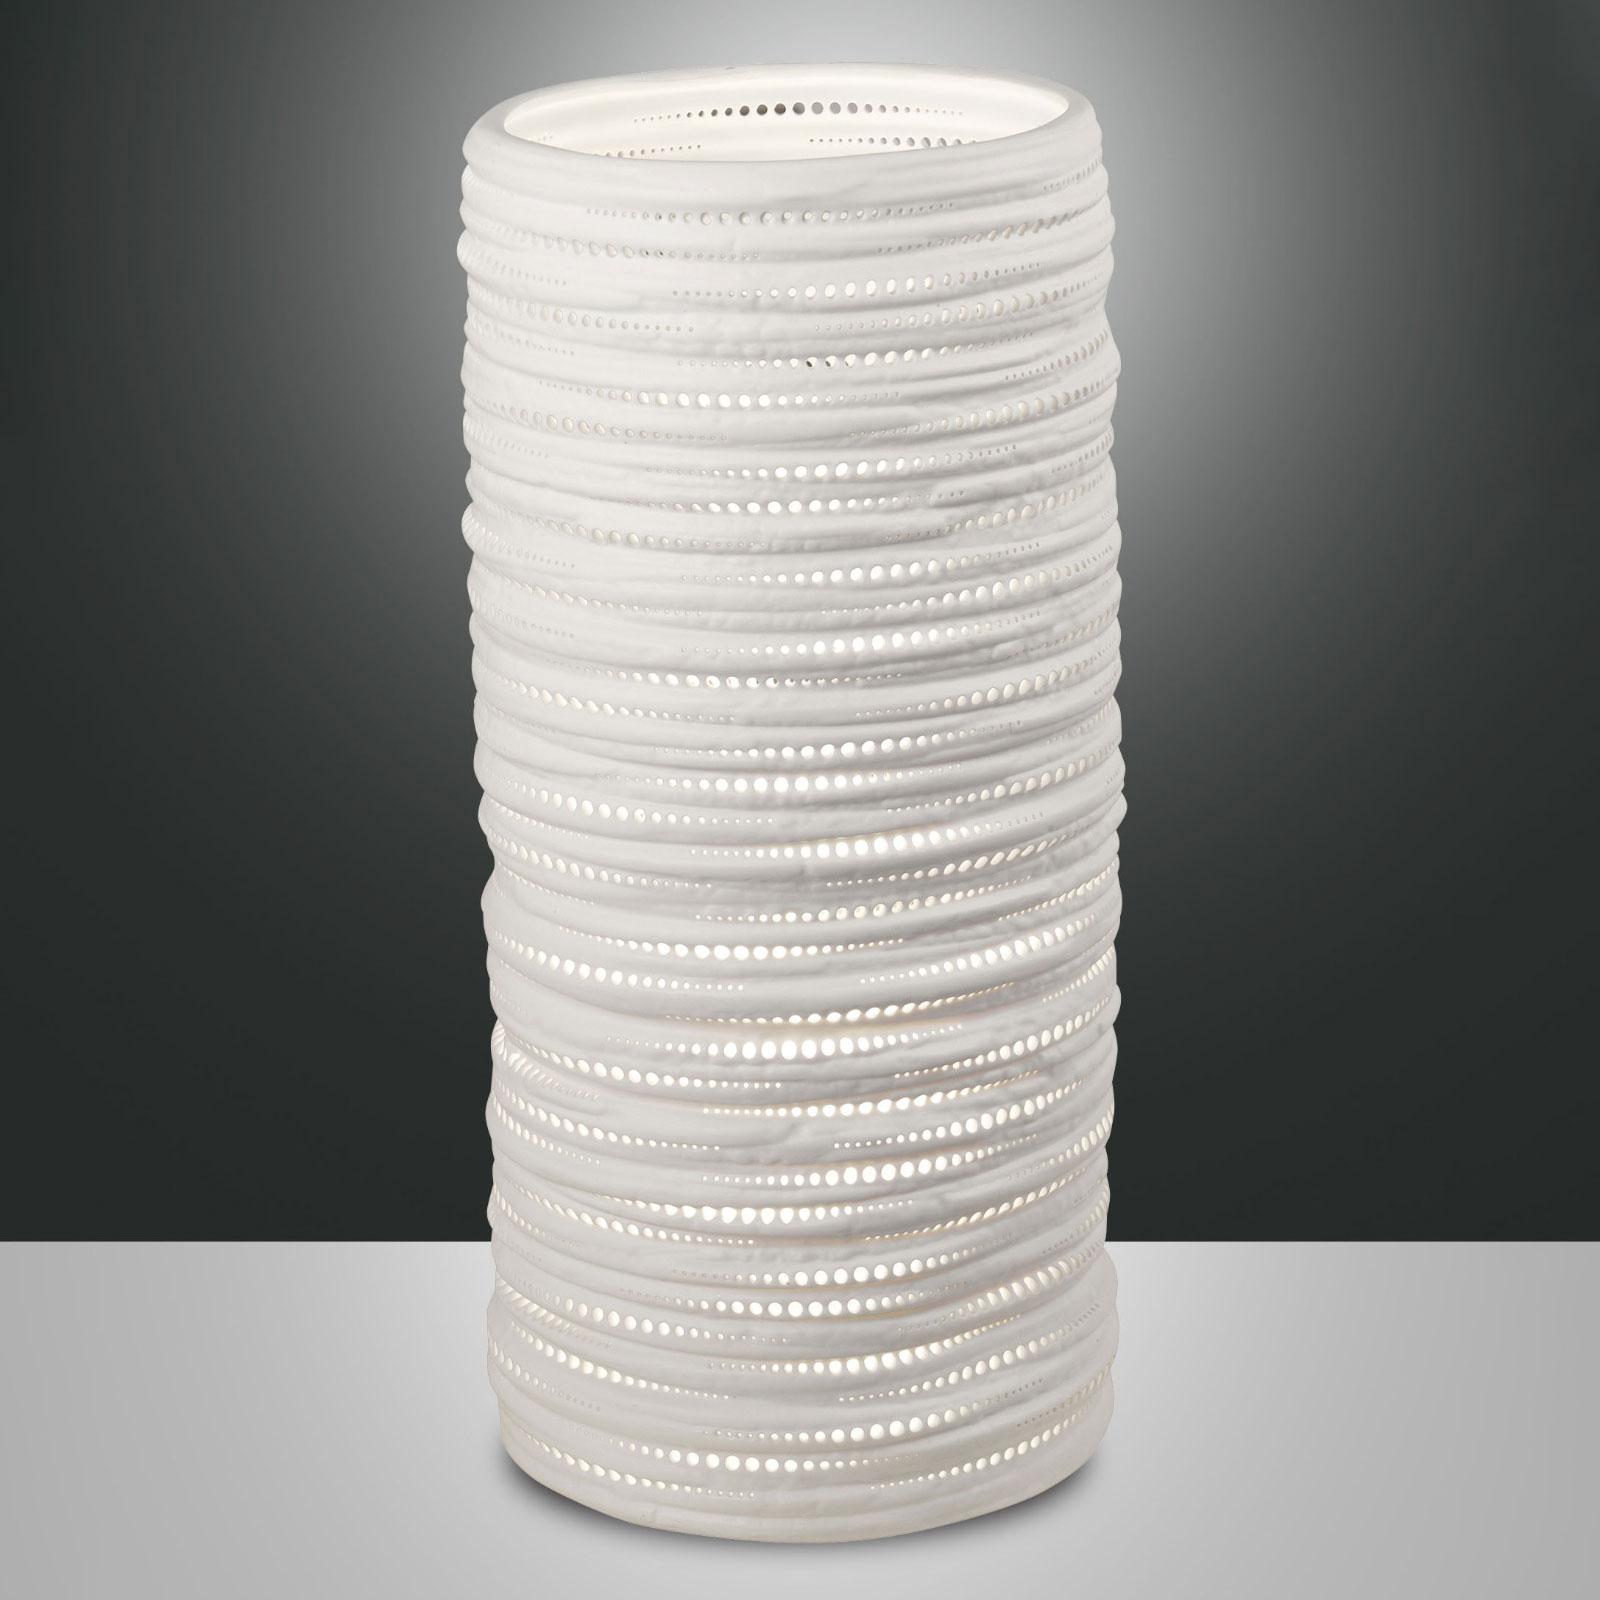 Lampa stołowa Marbella z ceramiki, wysokość 37 cm